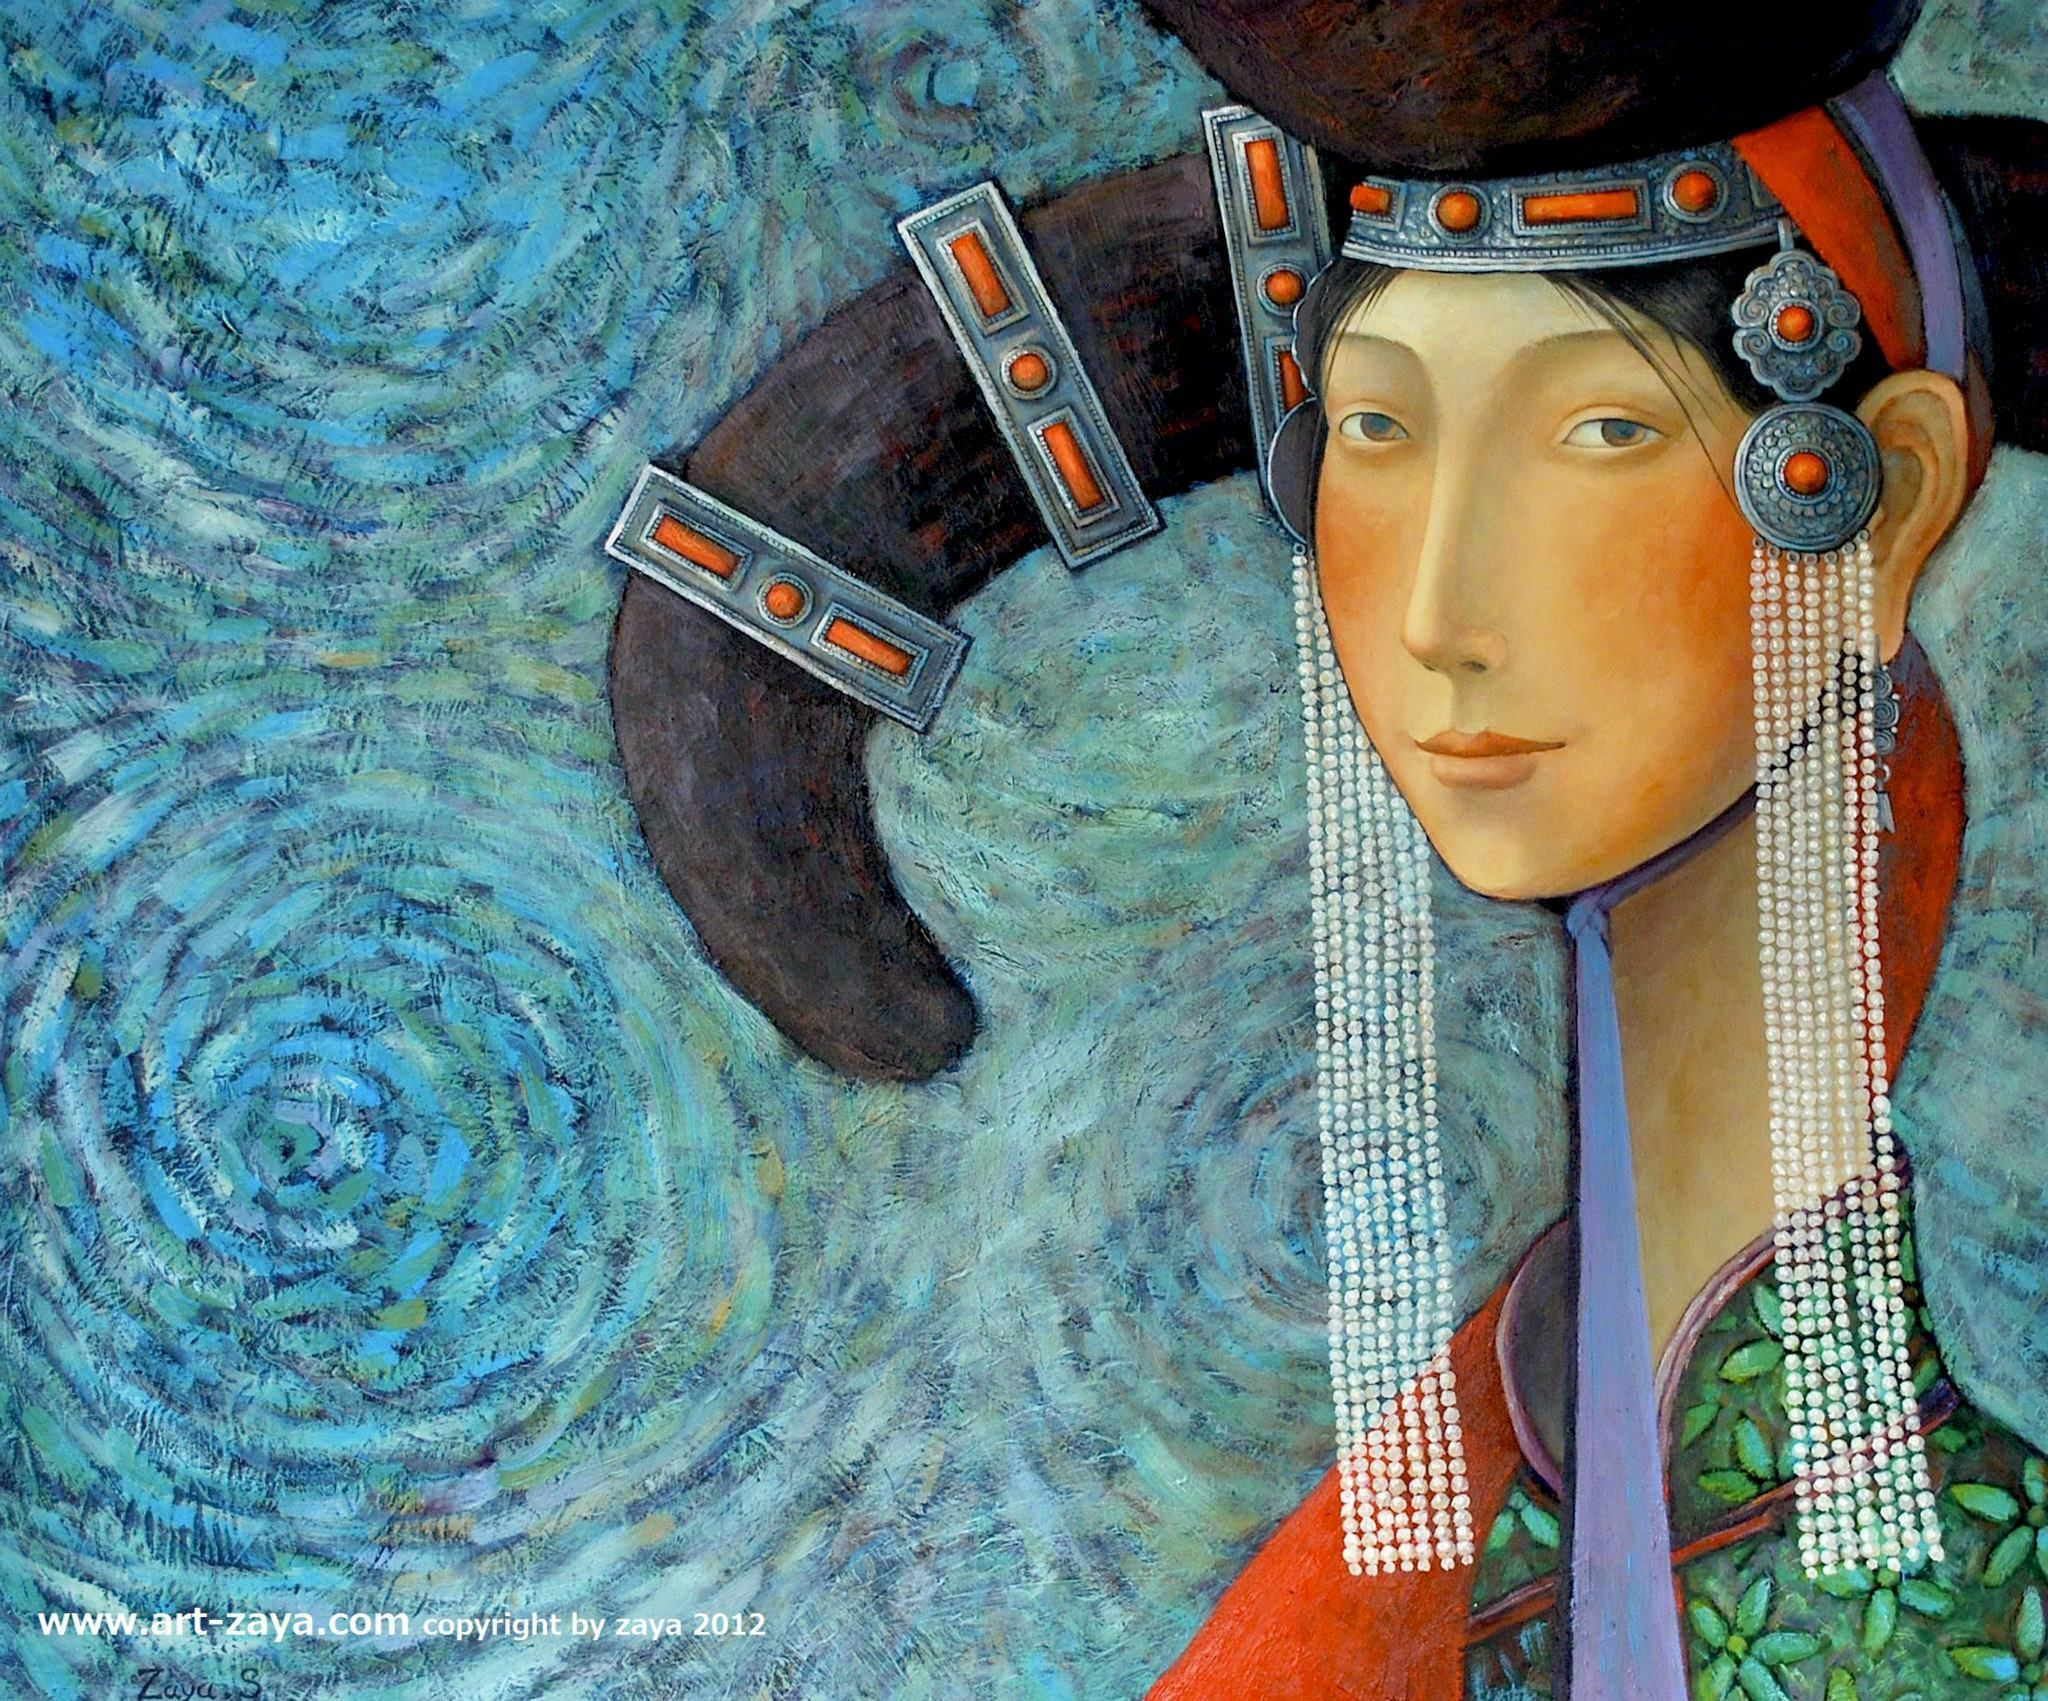 蒙古国青年画家 Zayasaikhan Sambuu 油画作品 | www.artzaya.com_新浪看点